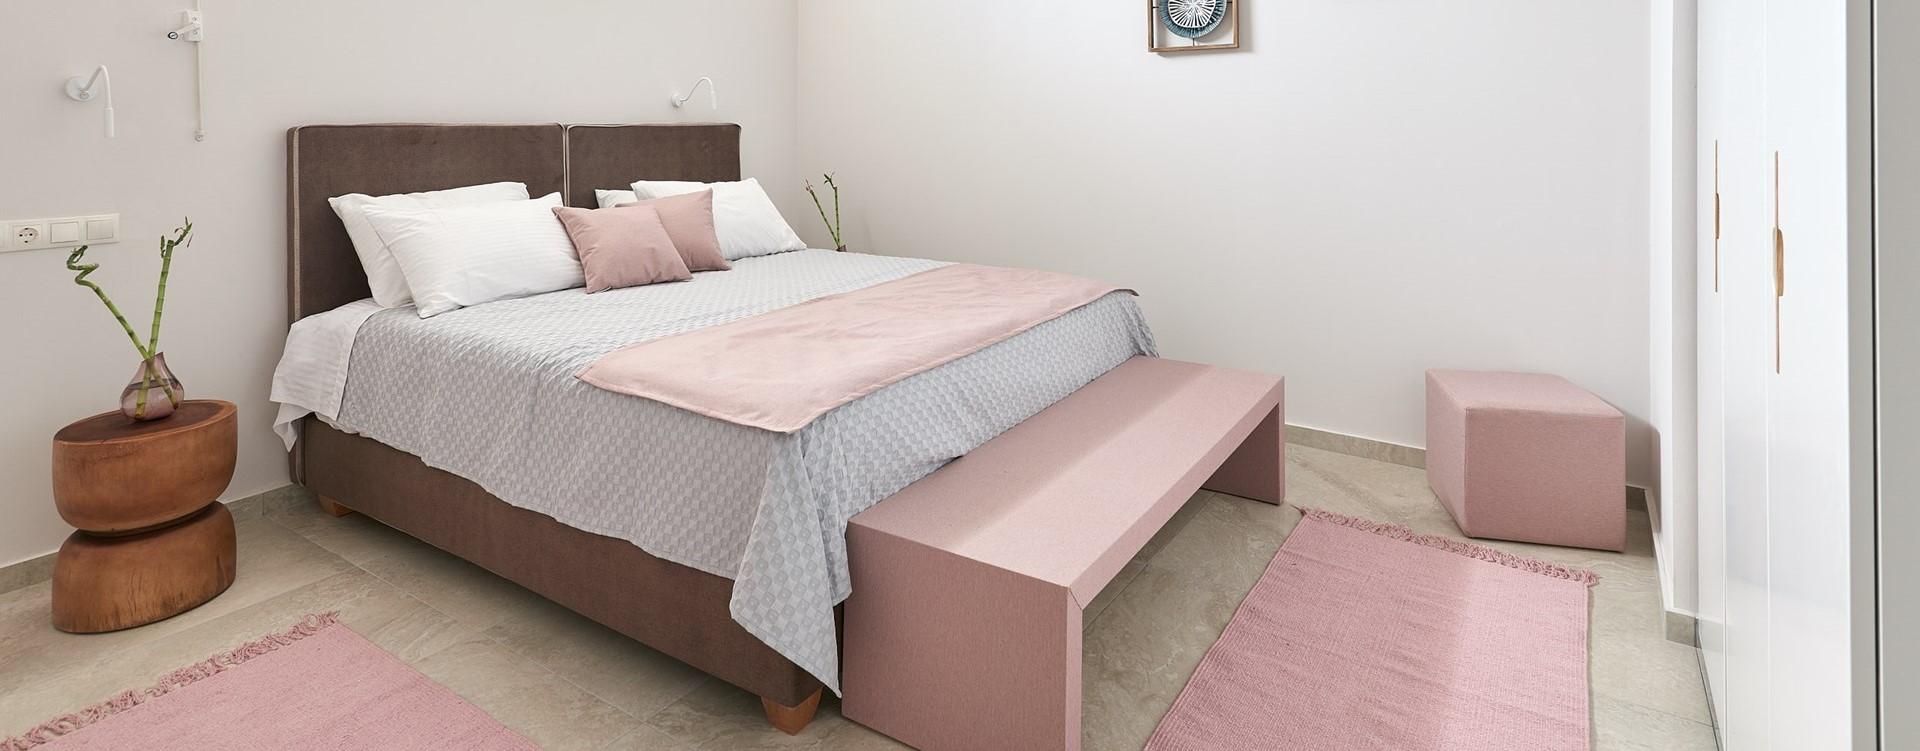 nero-beach-house-double-bedroom-4